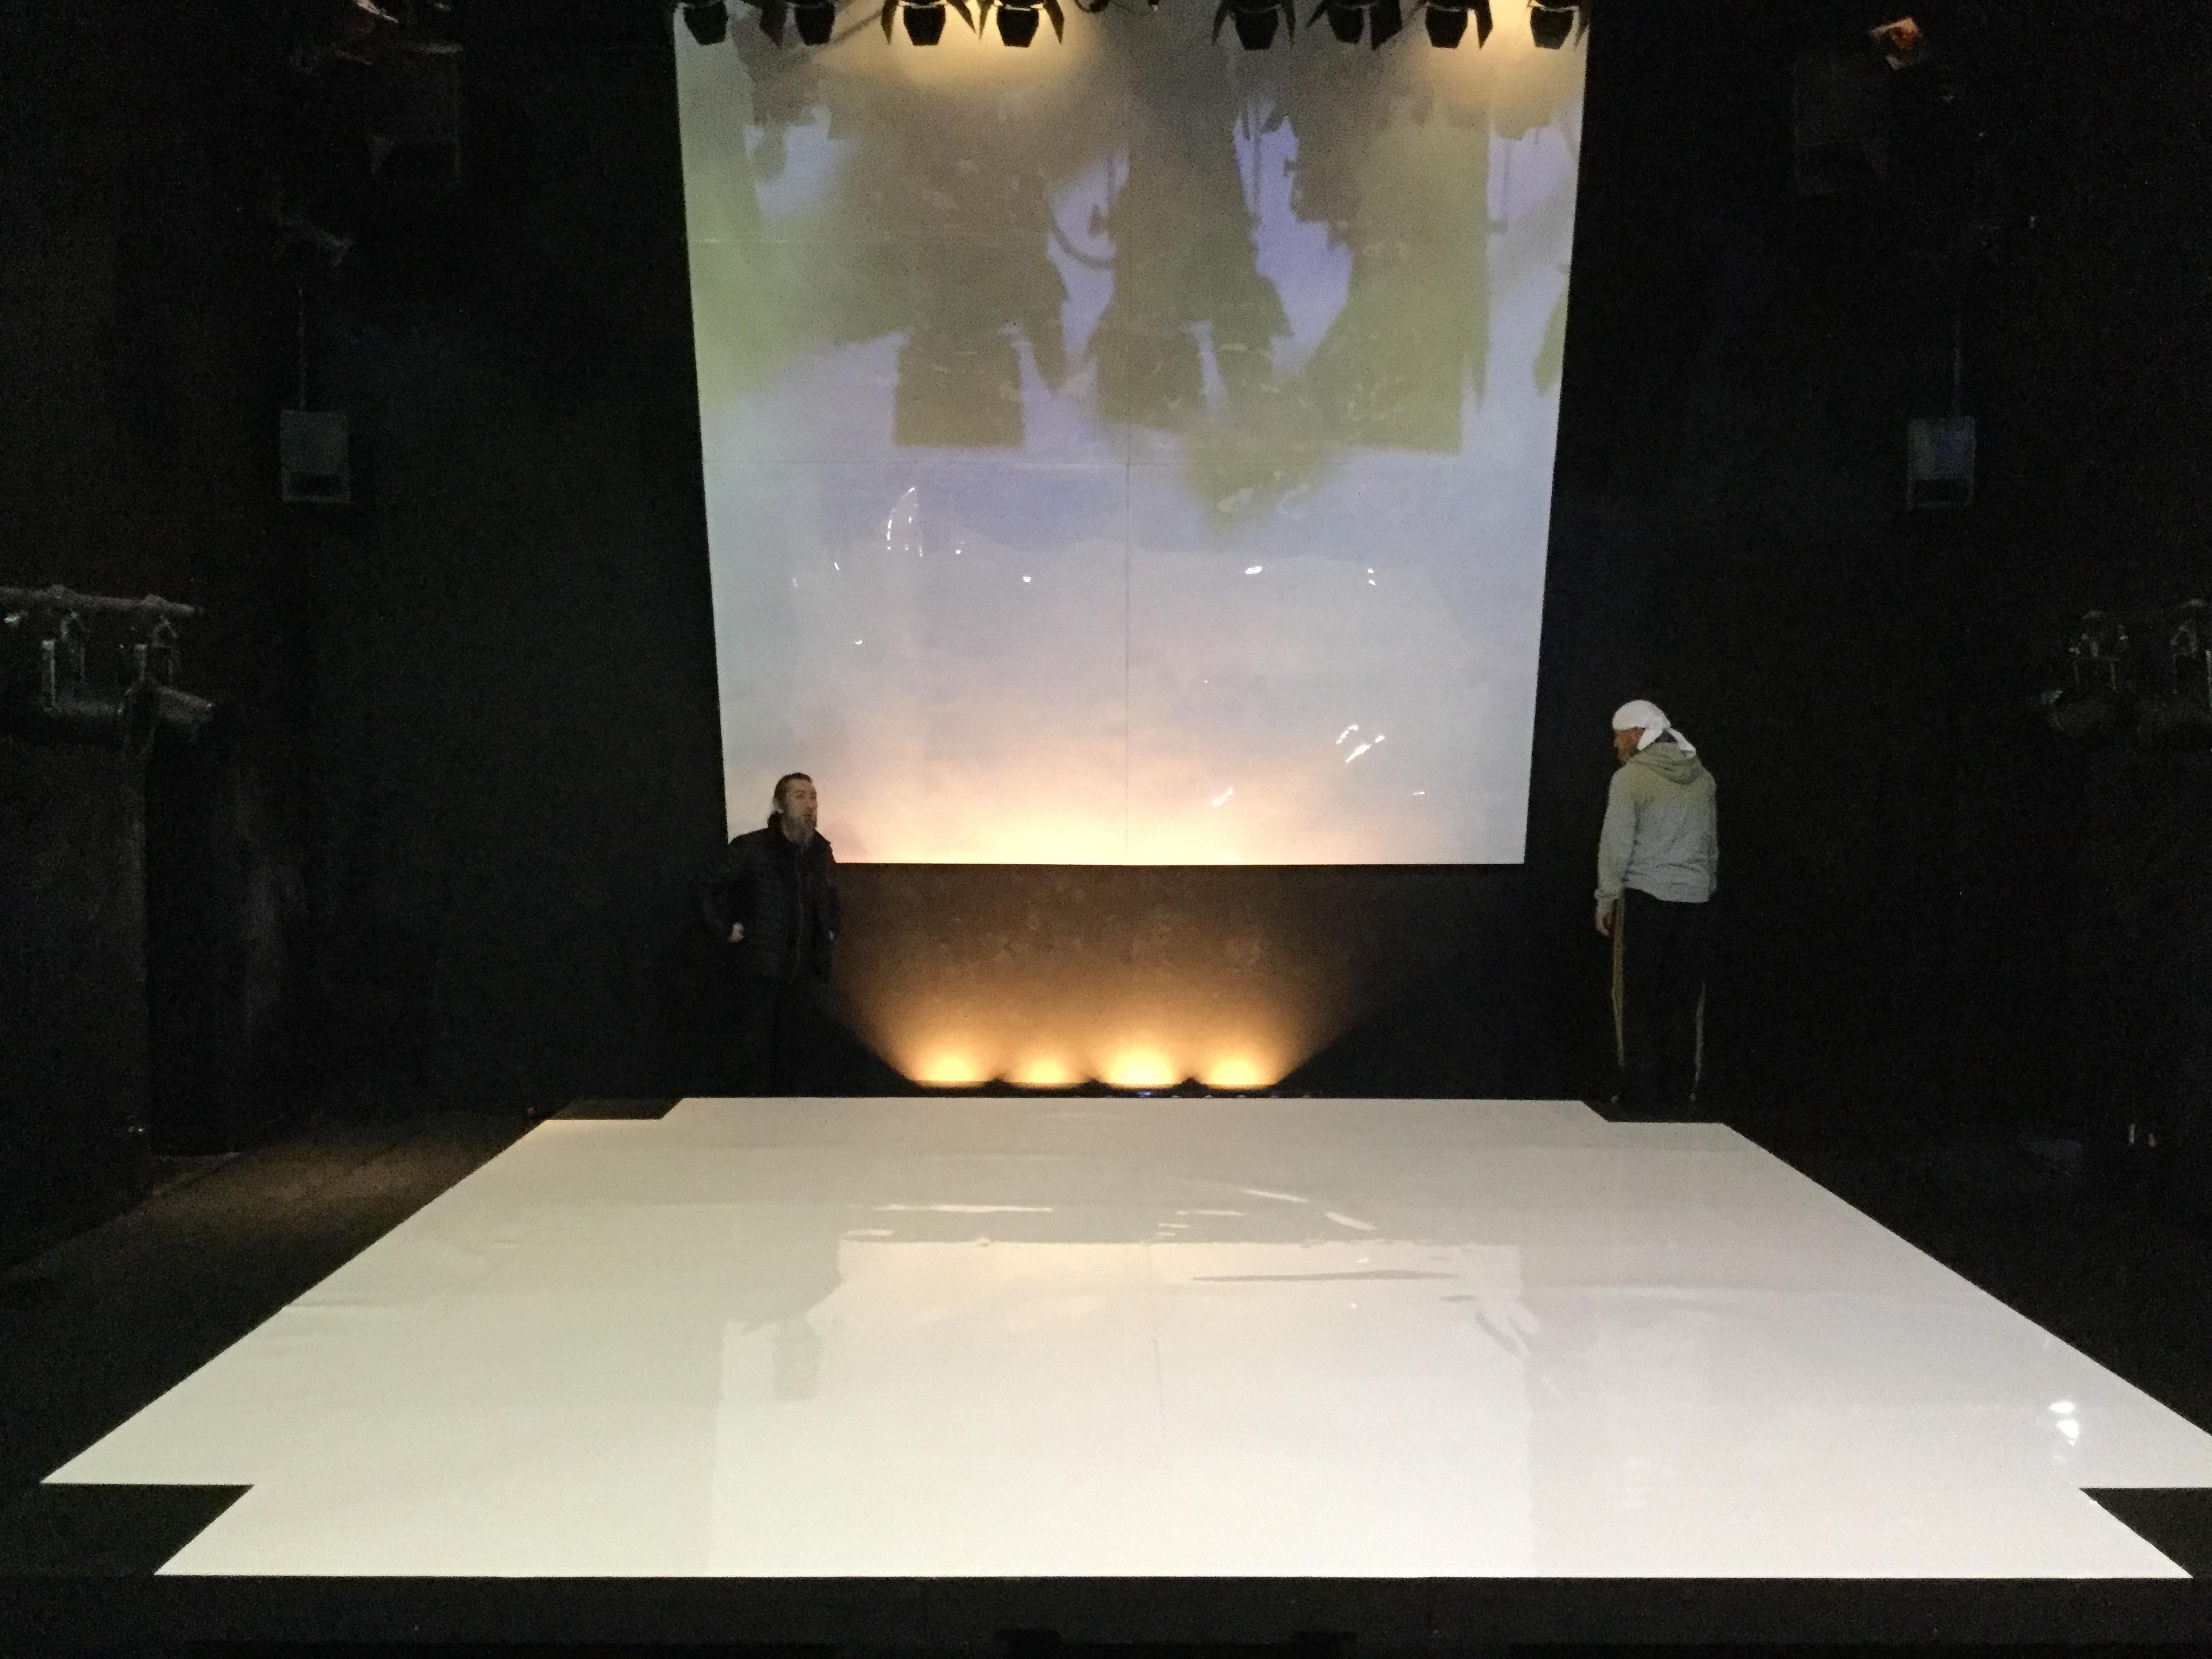 ありとほし 舞台